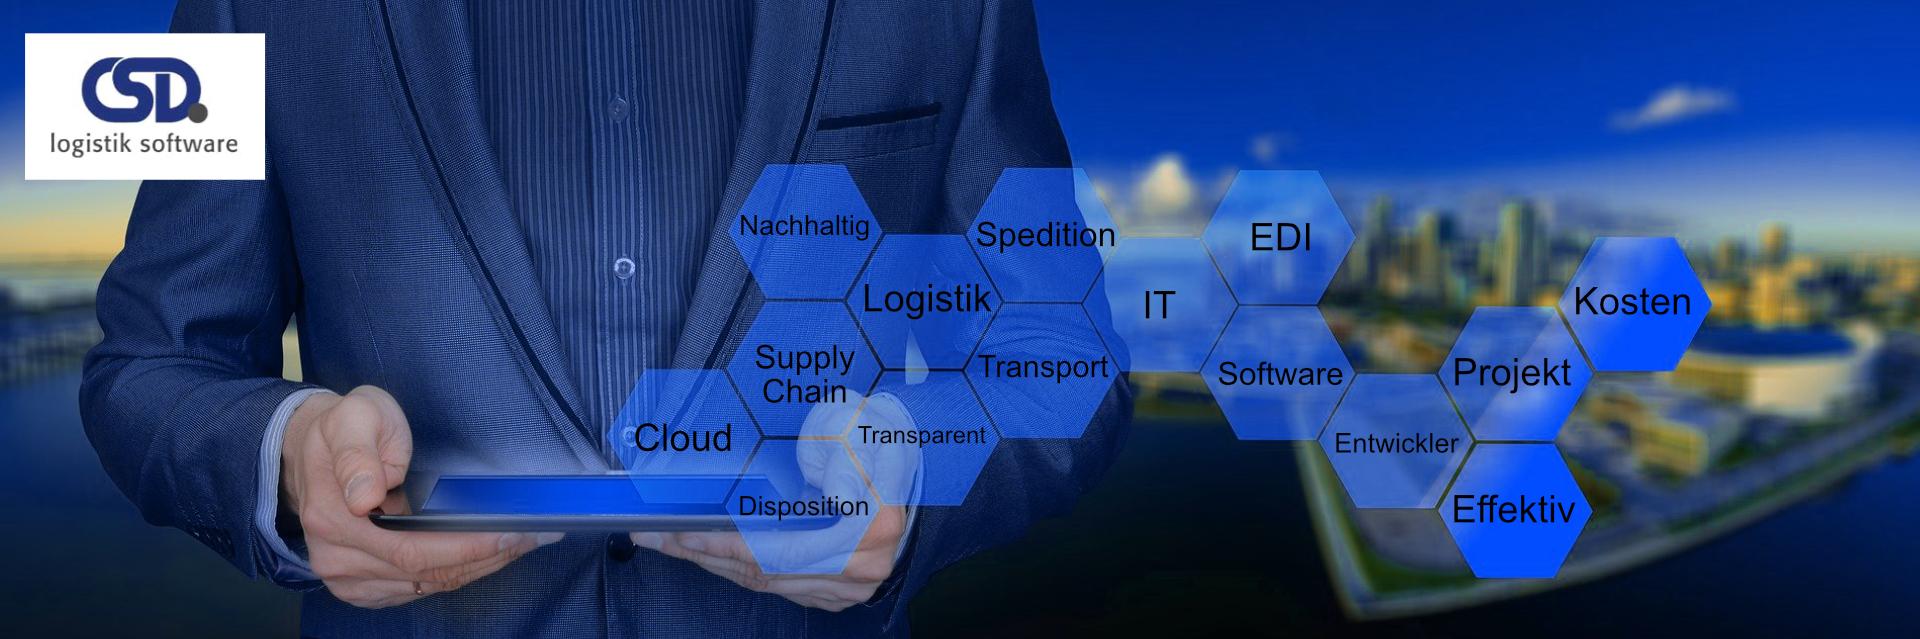 Consulting von CSD Logistik und Transport Software